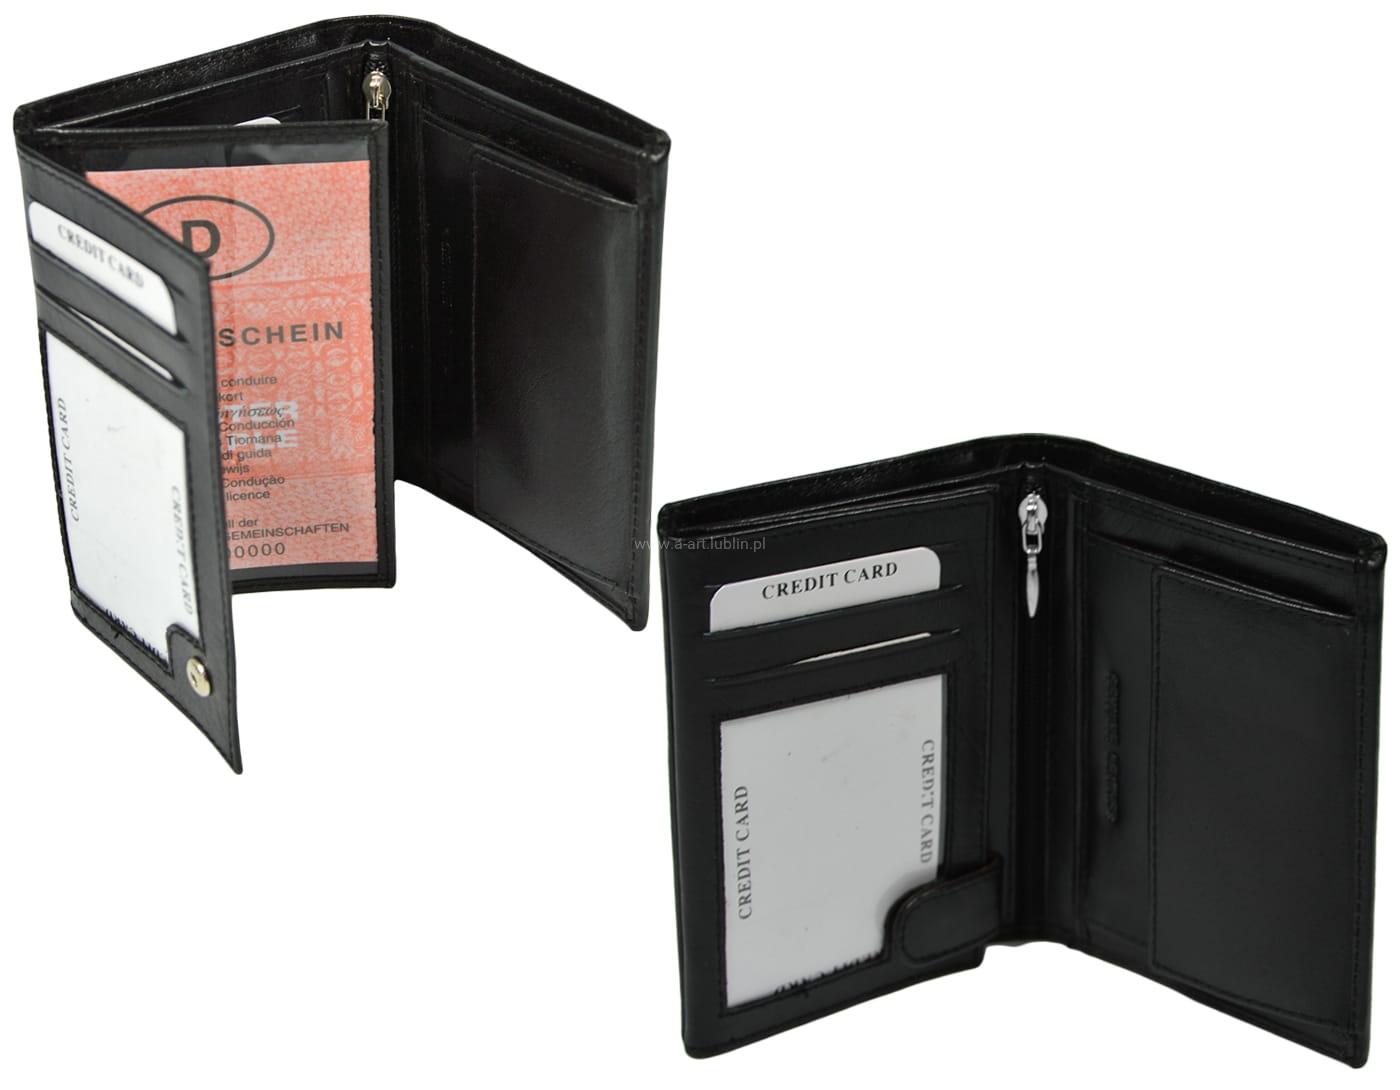 2e7e1bae7ea93 Duży portfel męski mieści dowód rejestracyjny A-ART galanteria ...